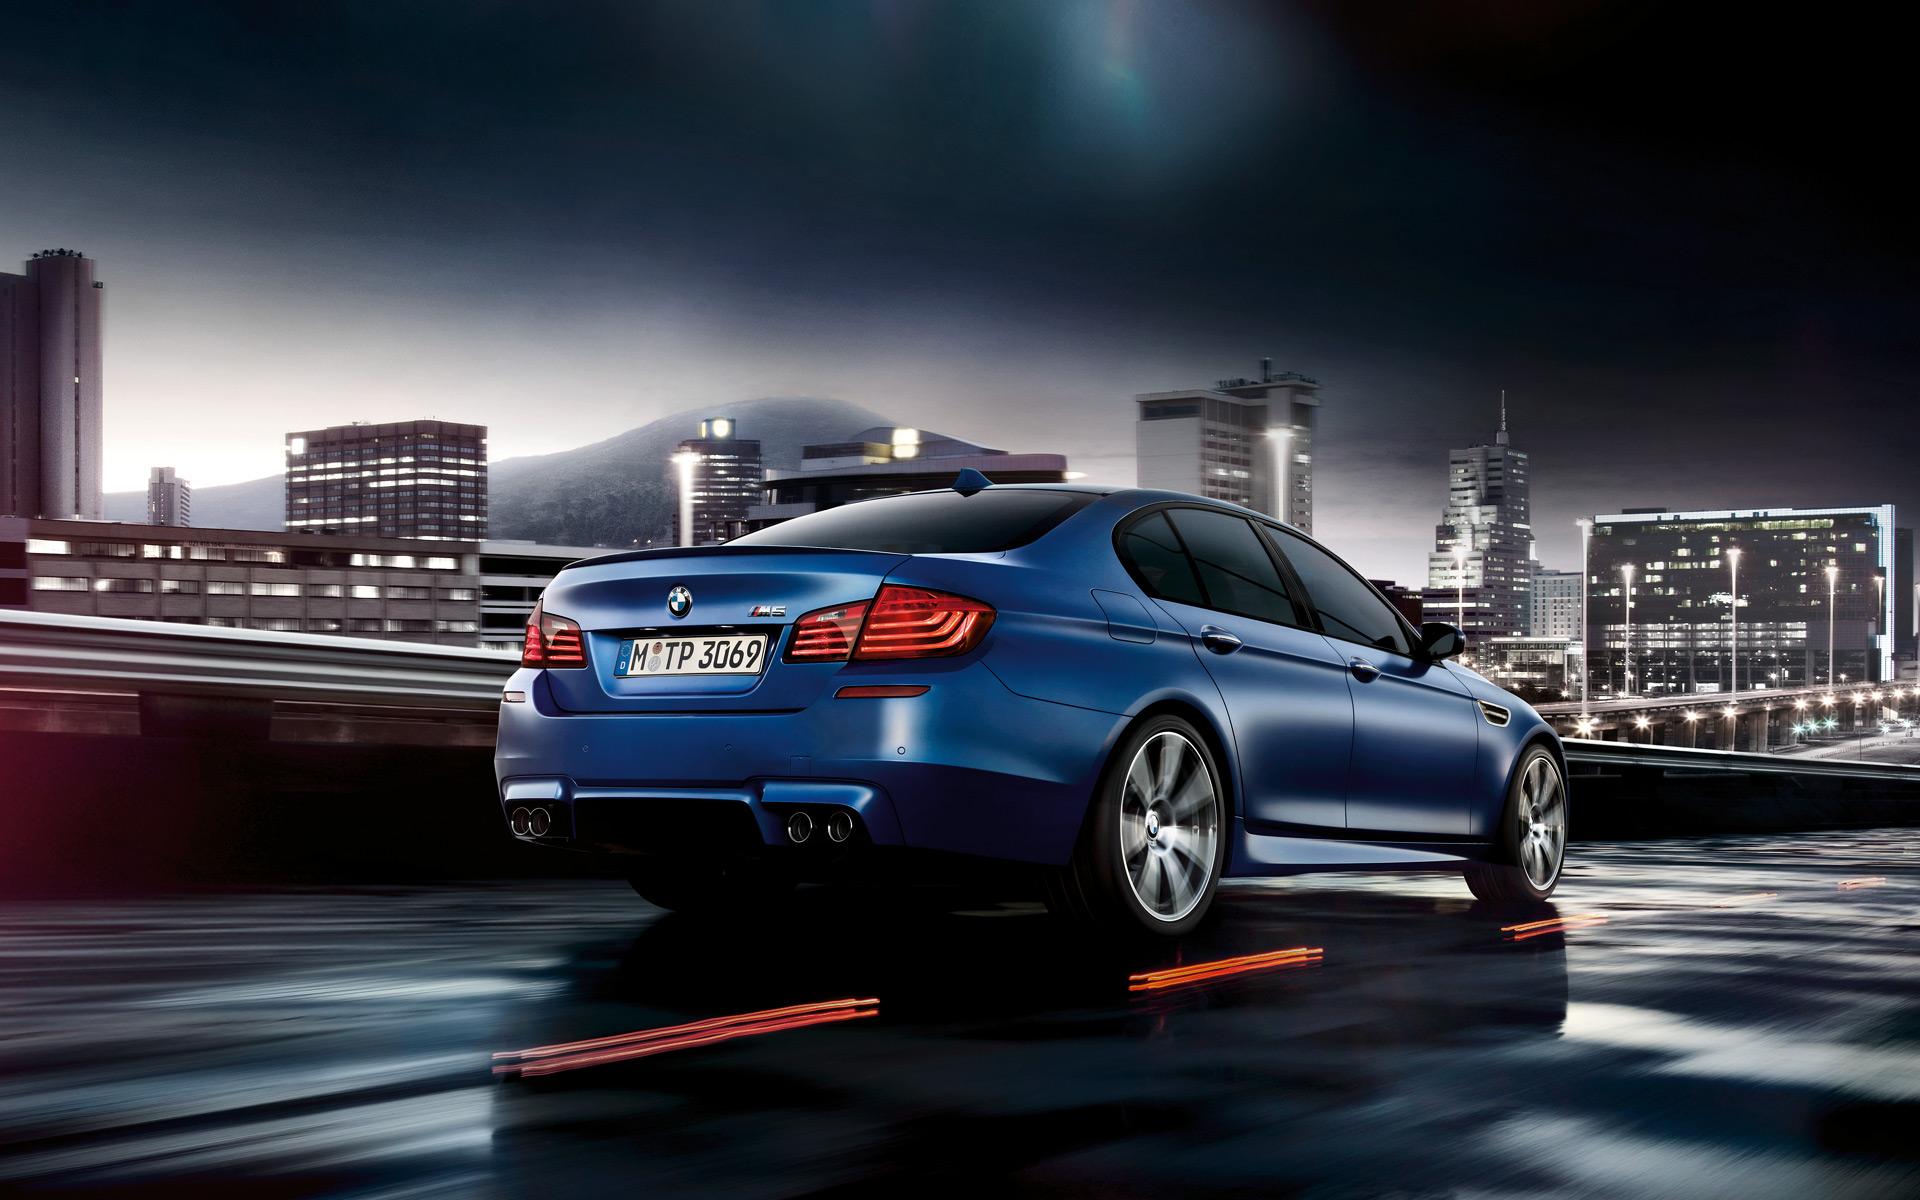 El BMW M5 xDrive será una realidad y los 600 caballos ya están más cerca 1